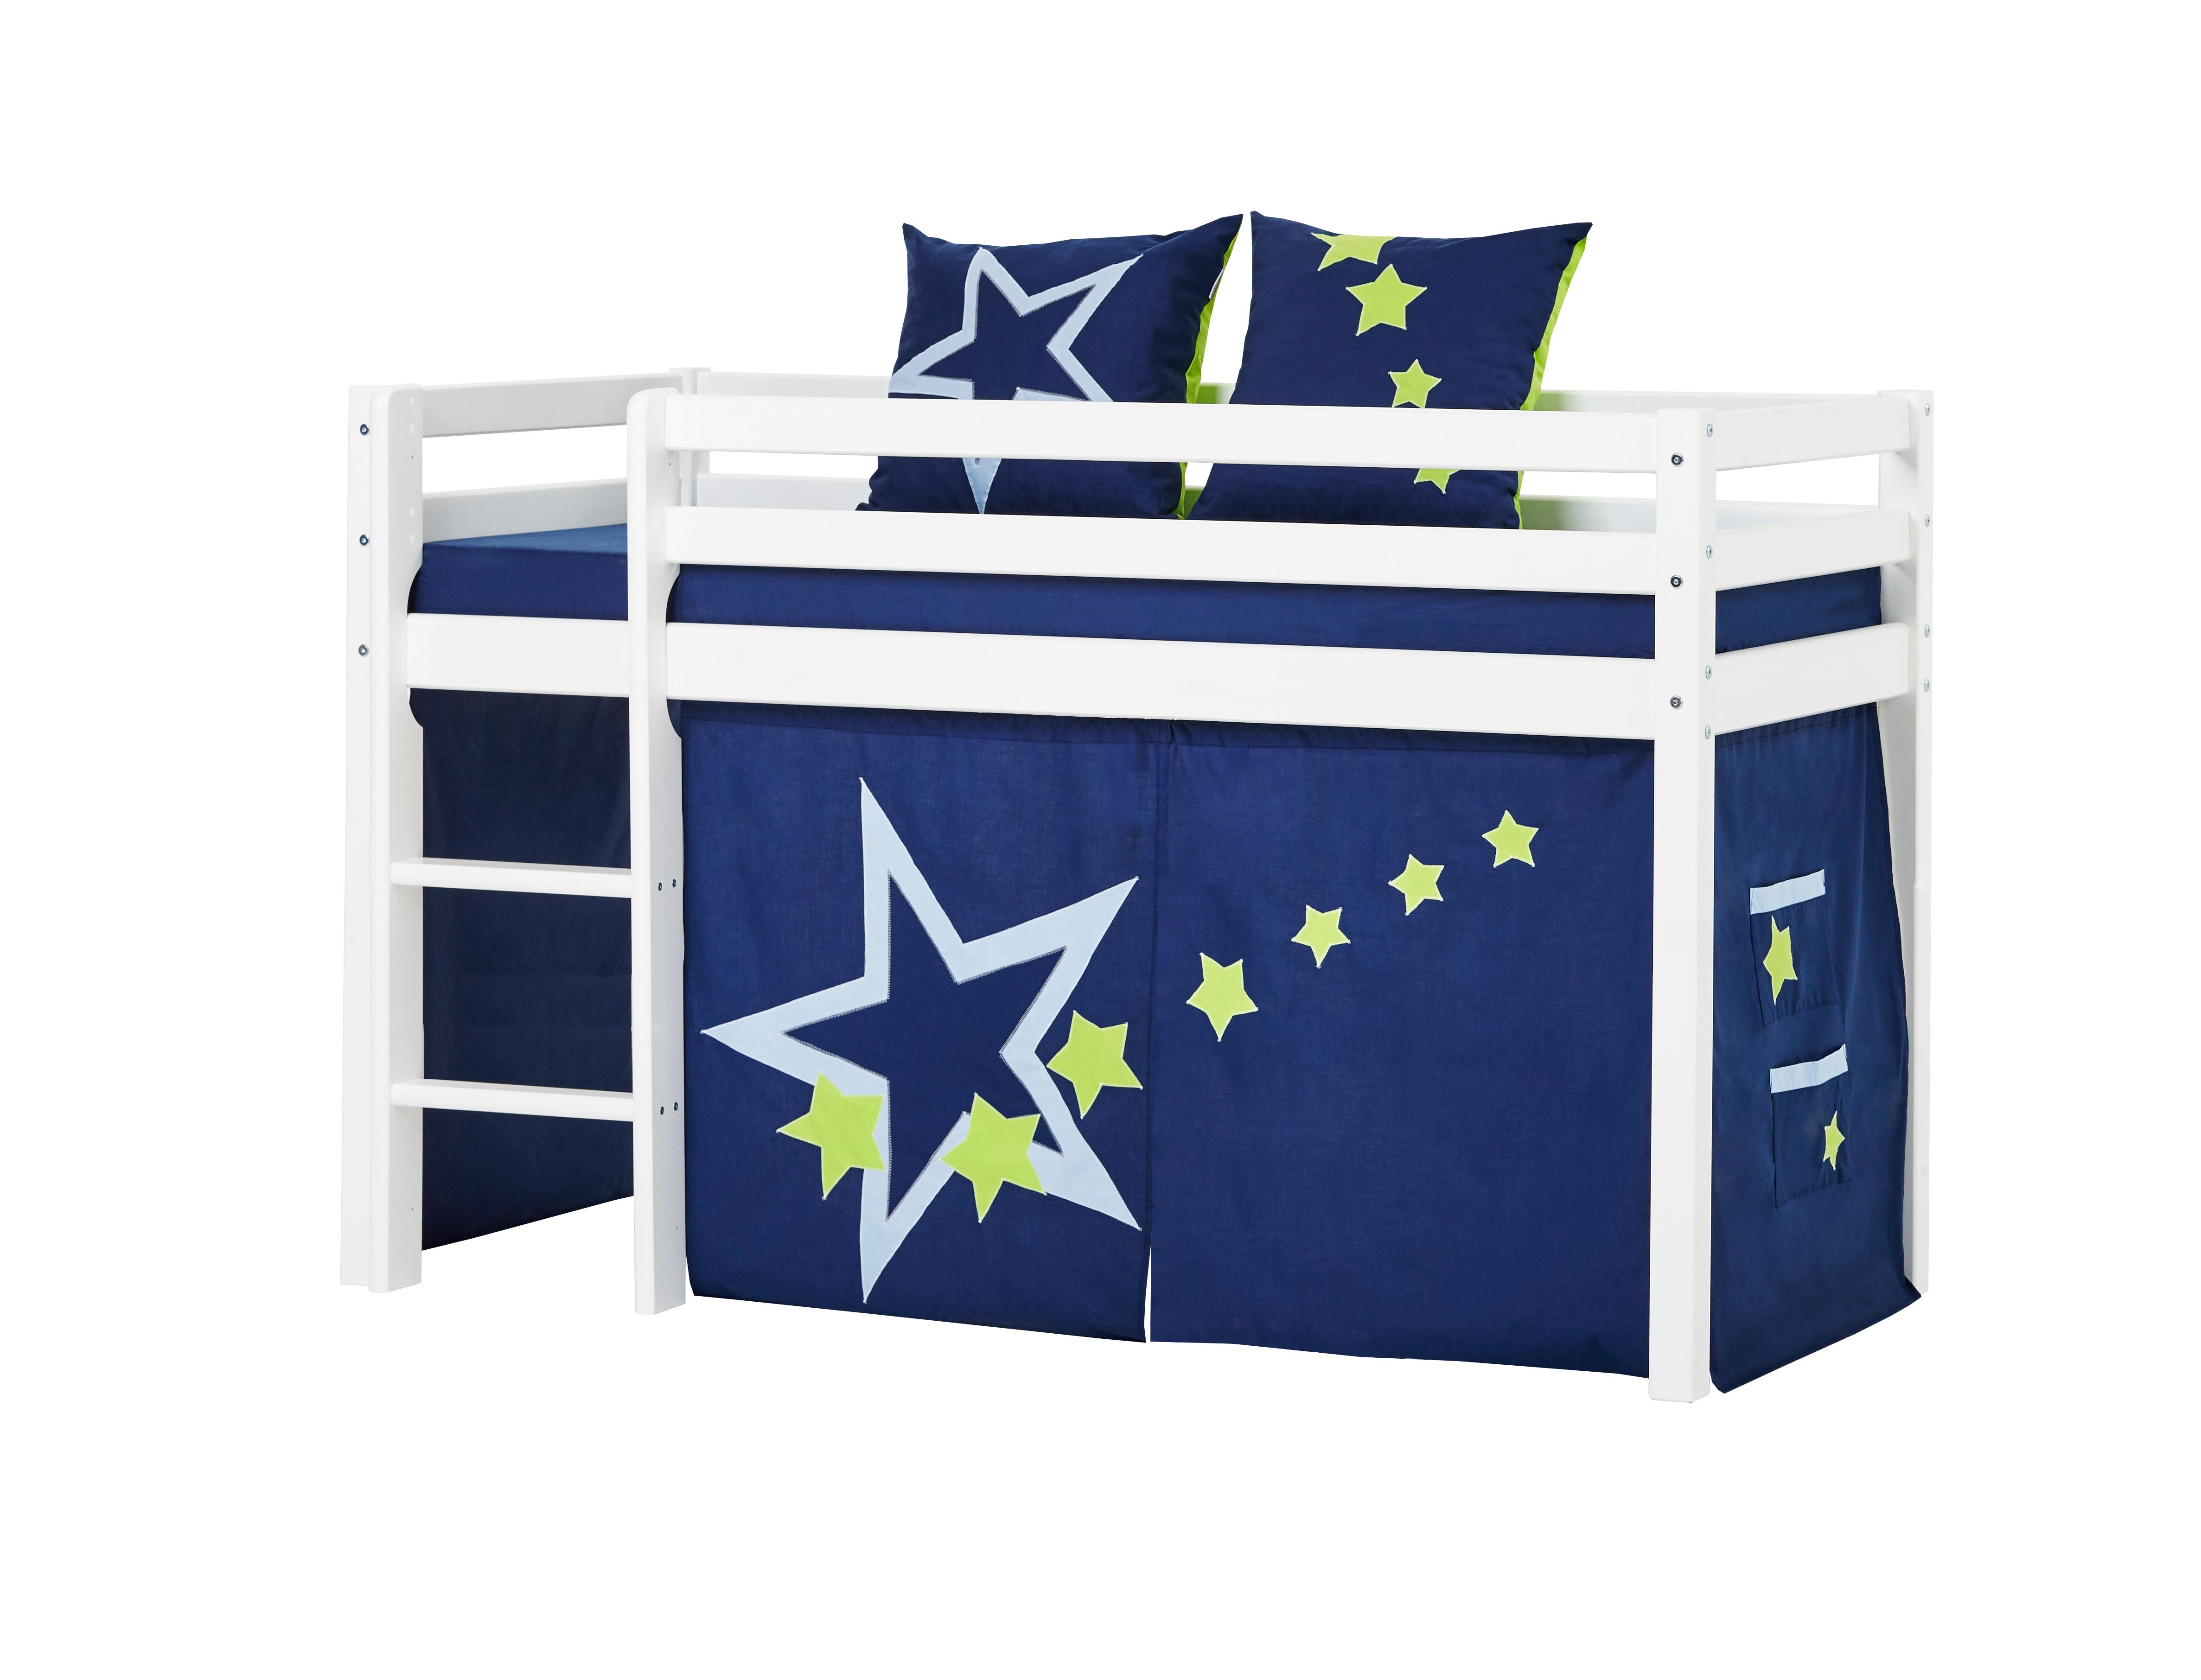 Hoppekids - BASIC Half-high bed with foam mattress + mattress cover + curtain 70x160 - Blue Star